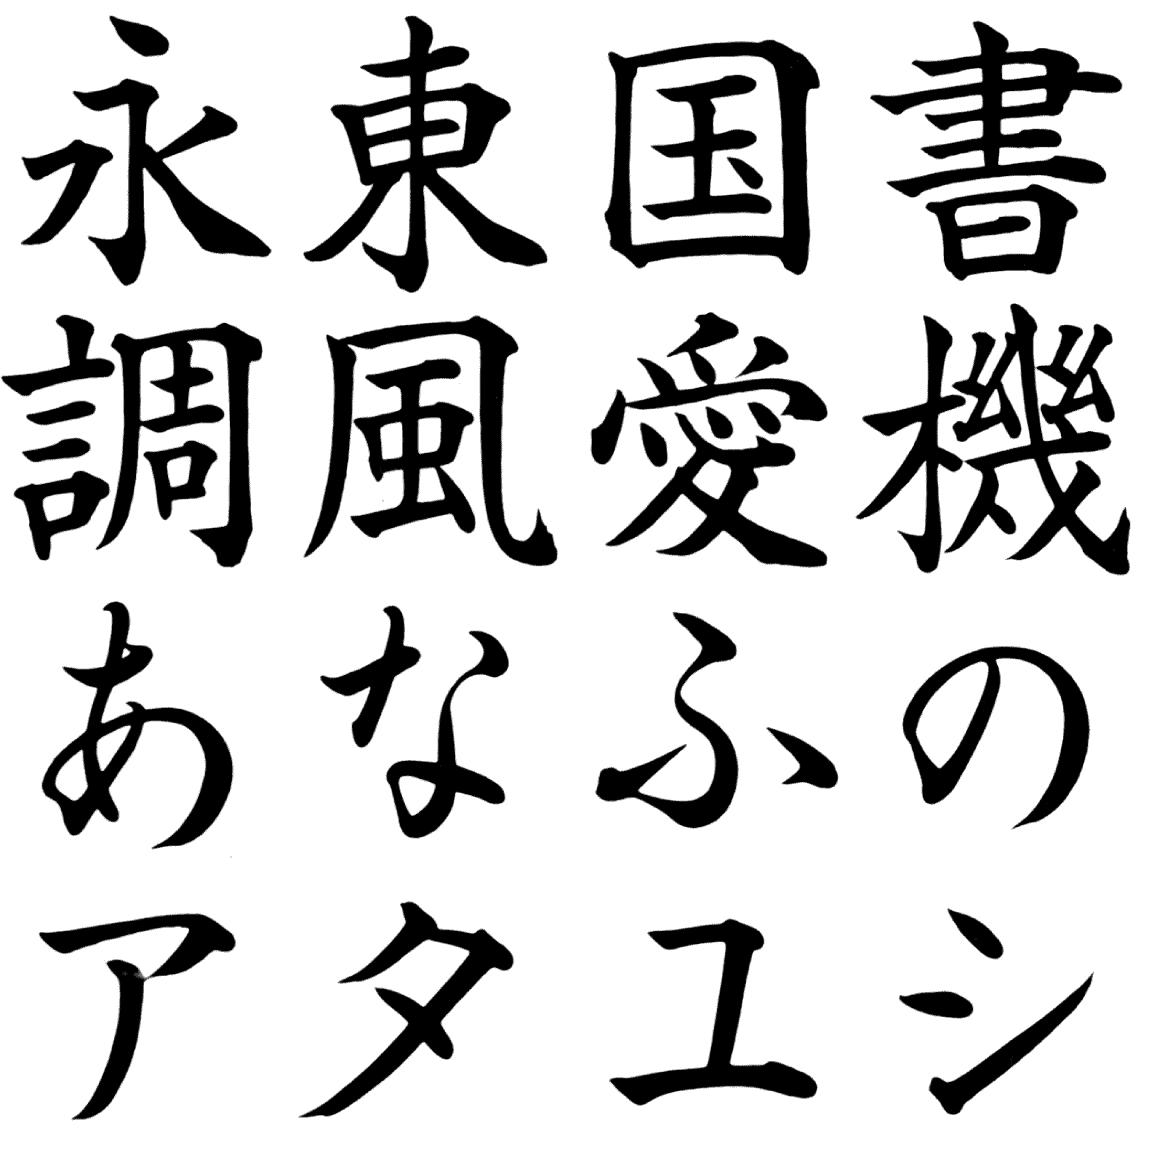 茅楷書 小がな MKNL-KS 字形見本